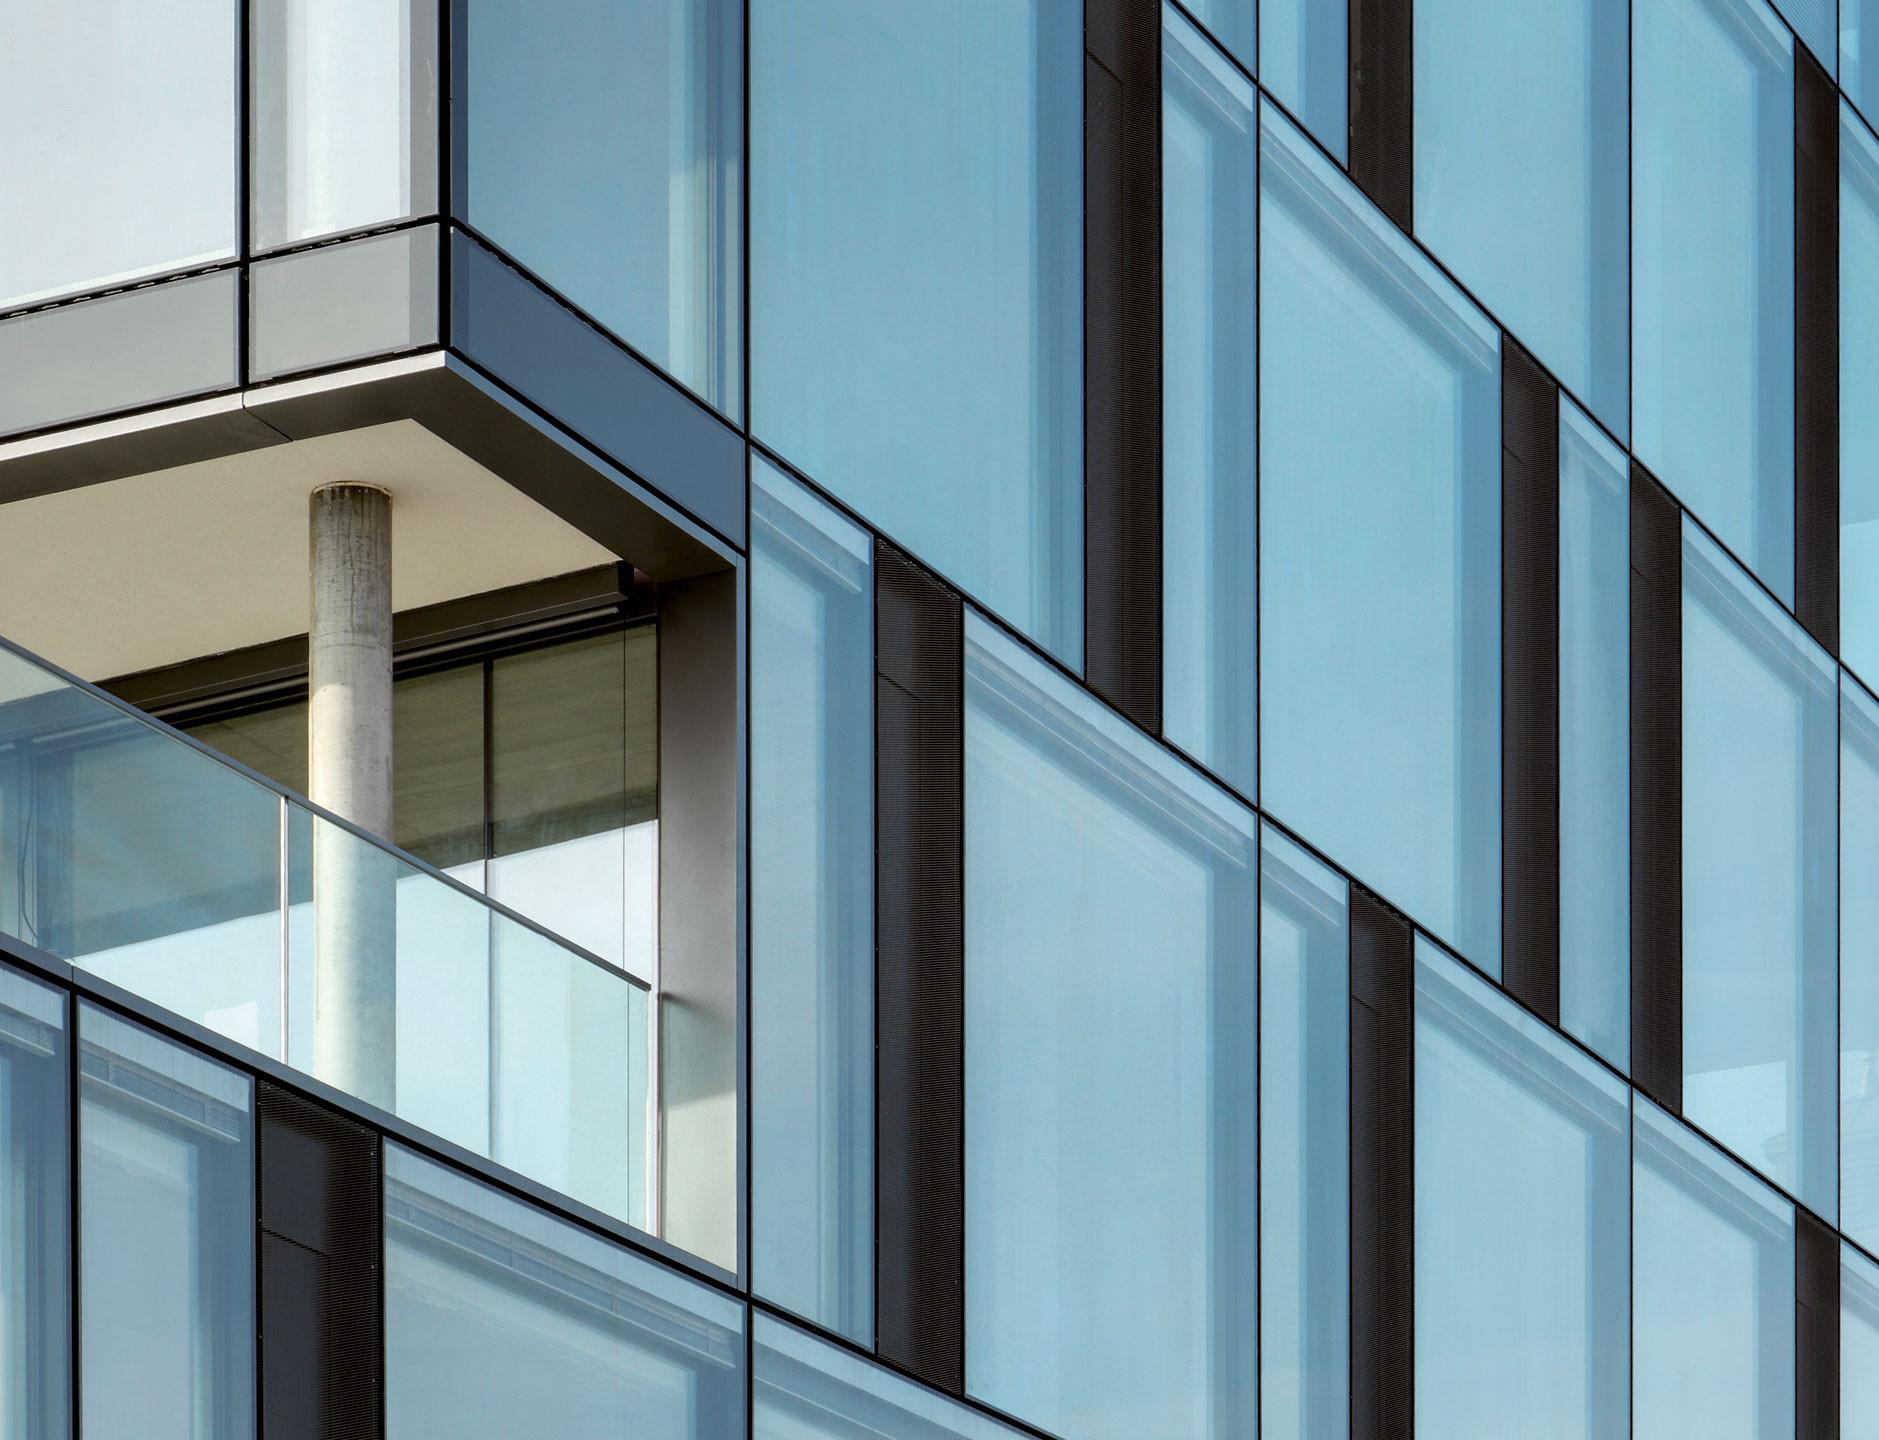 Cattaneo / Holzer Kobler Architekturen